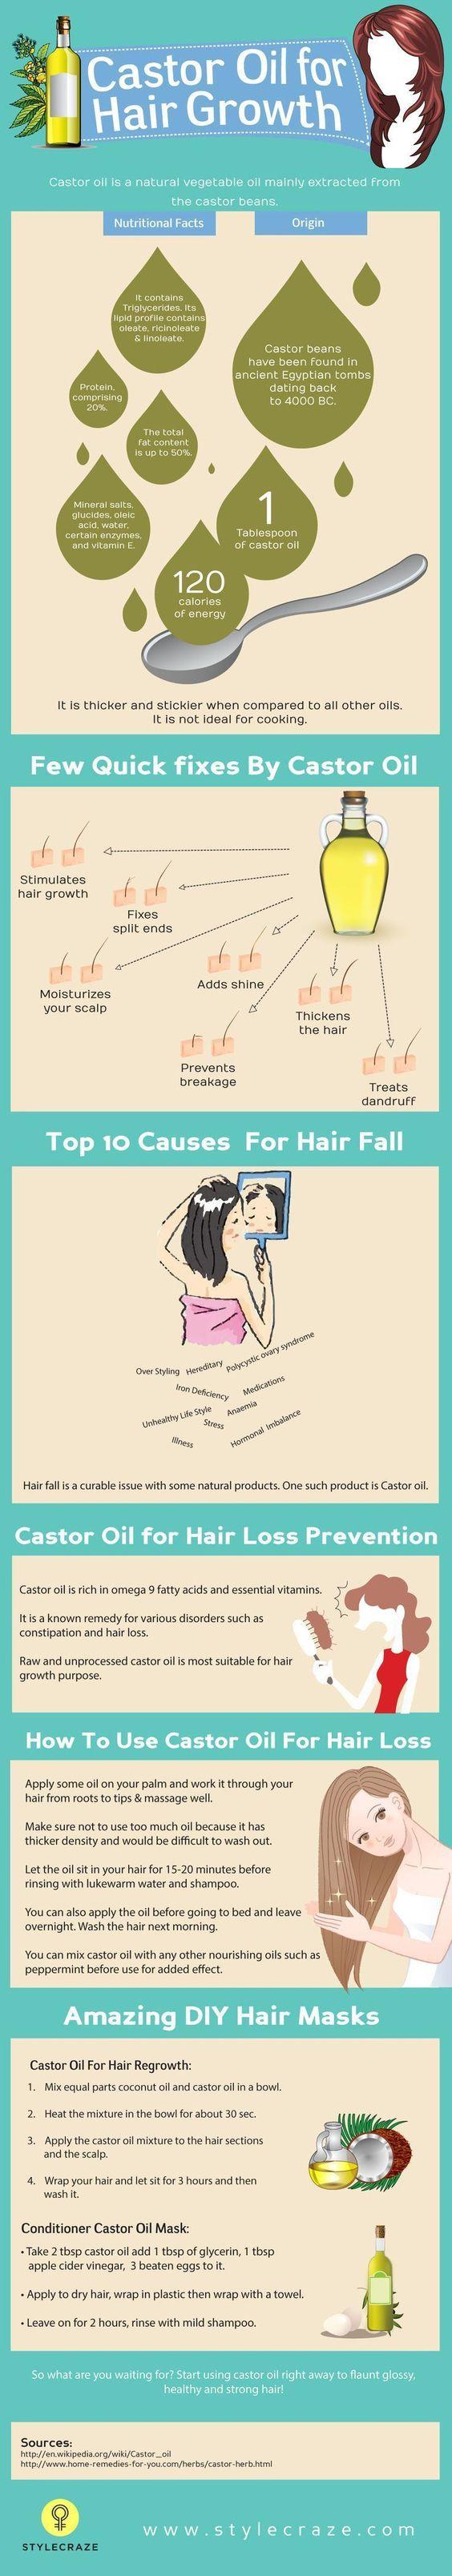 Castor Oil for Hair Growth: